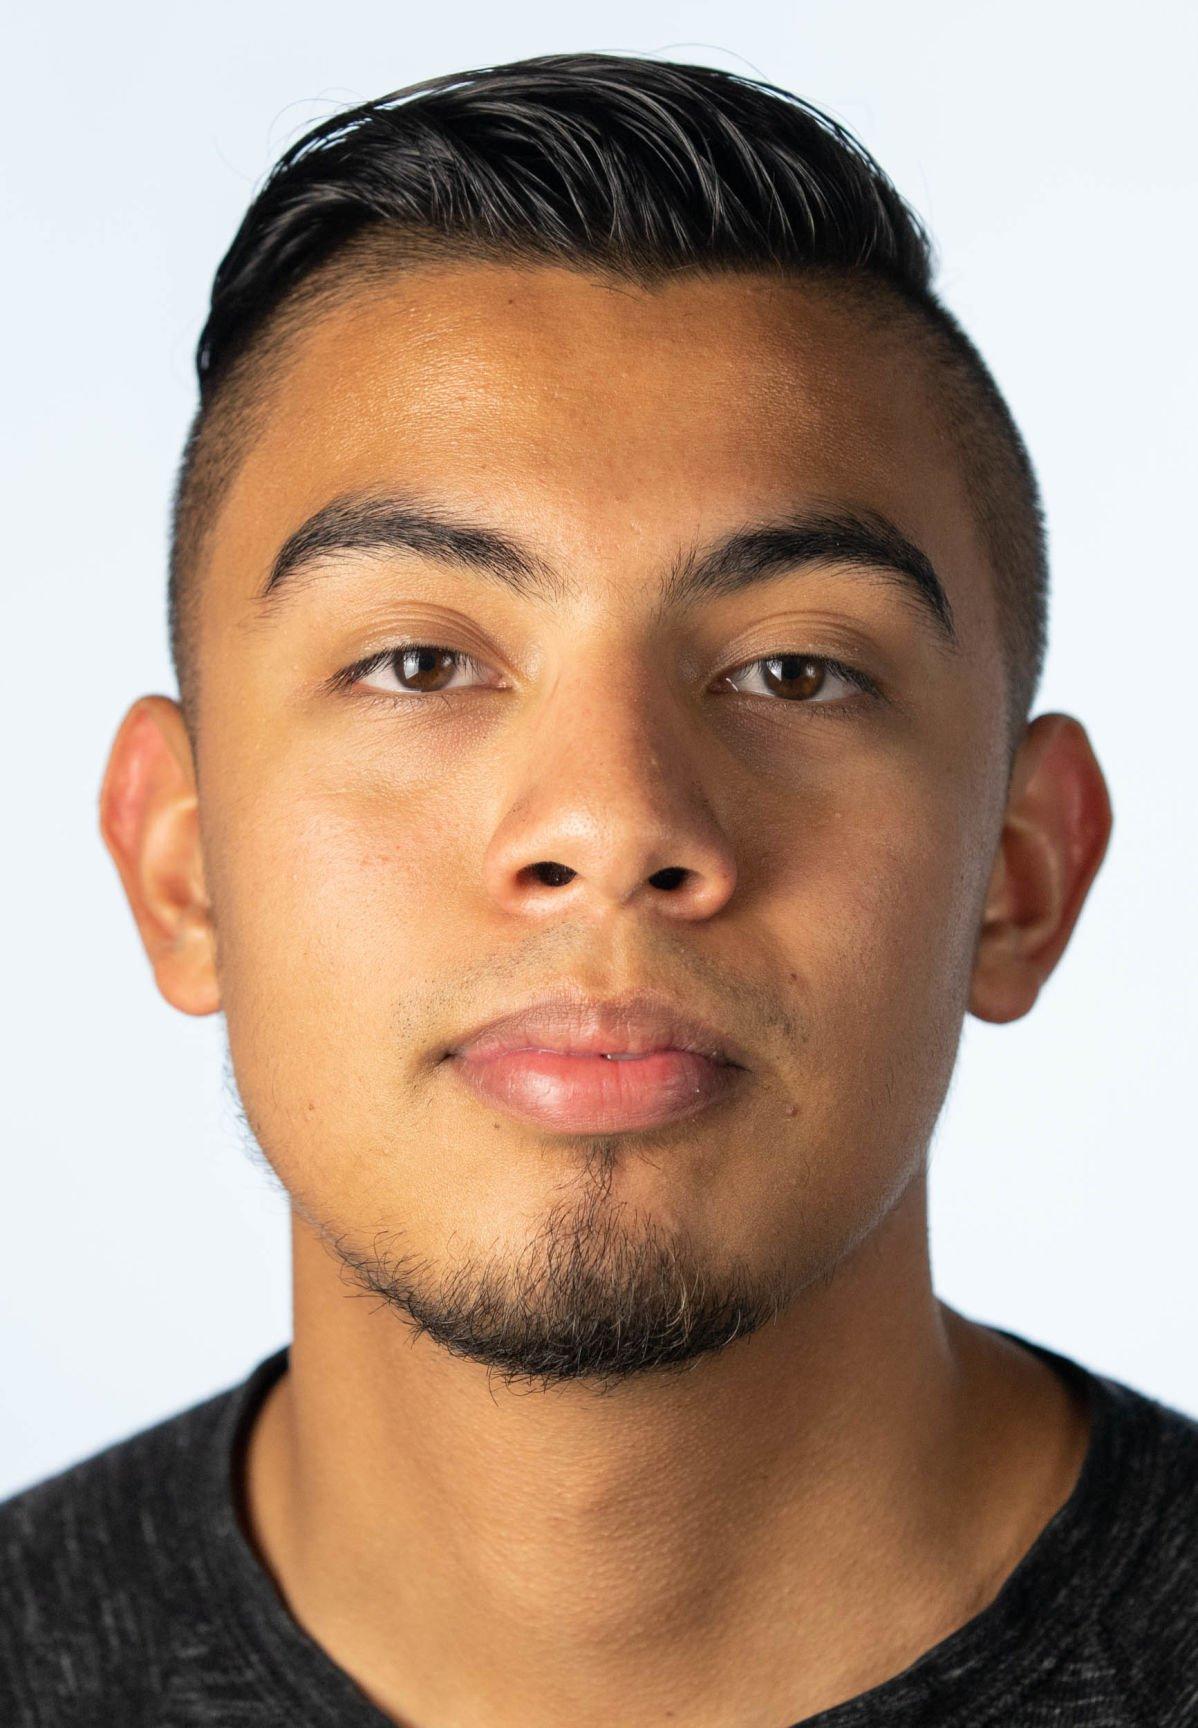 David Silva Ramirez